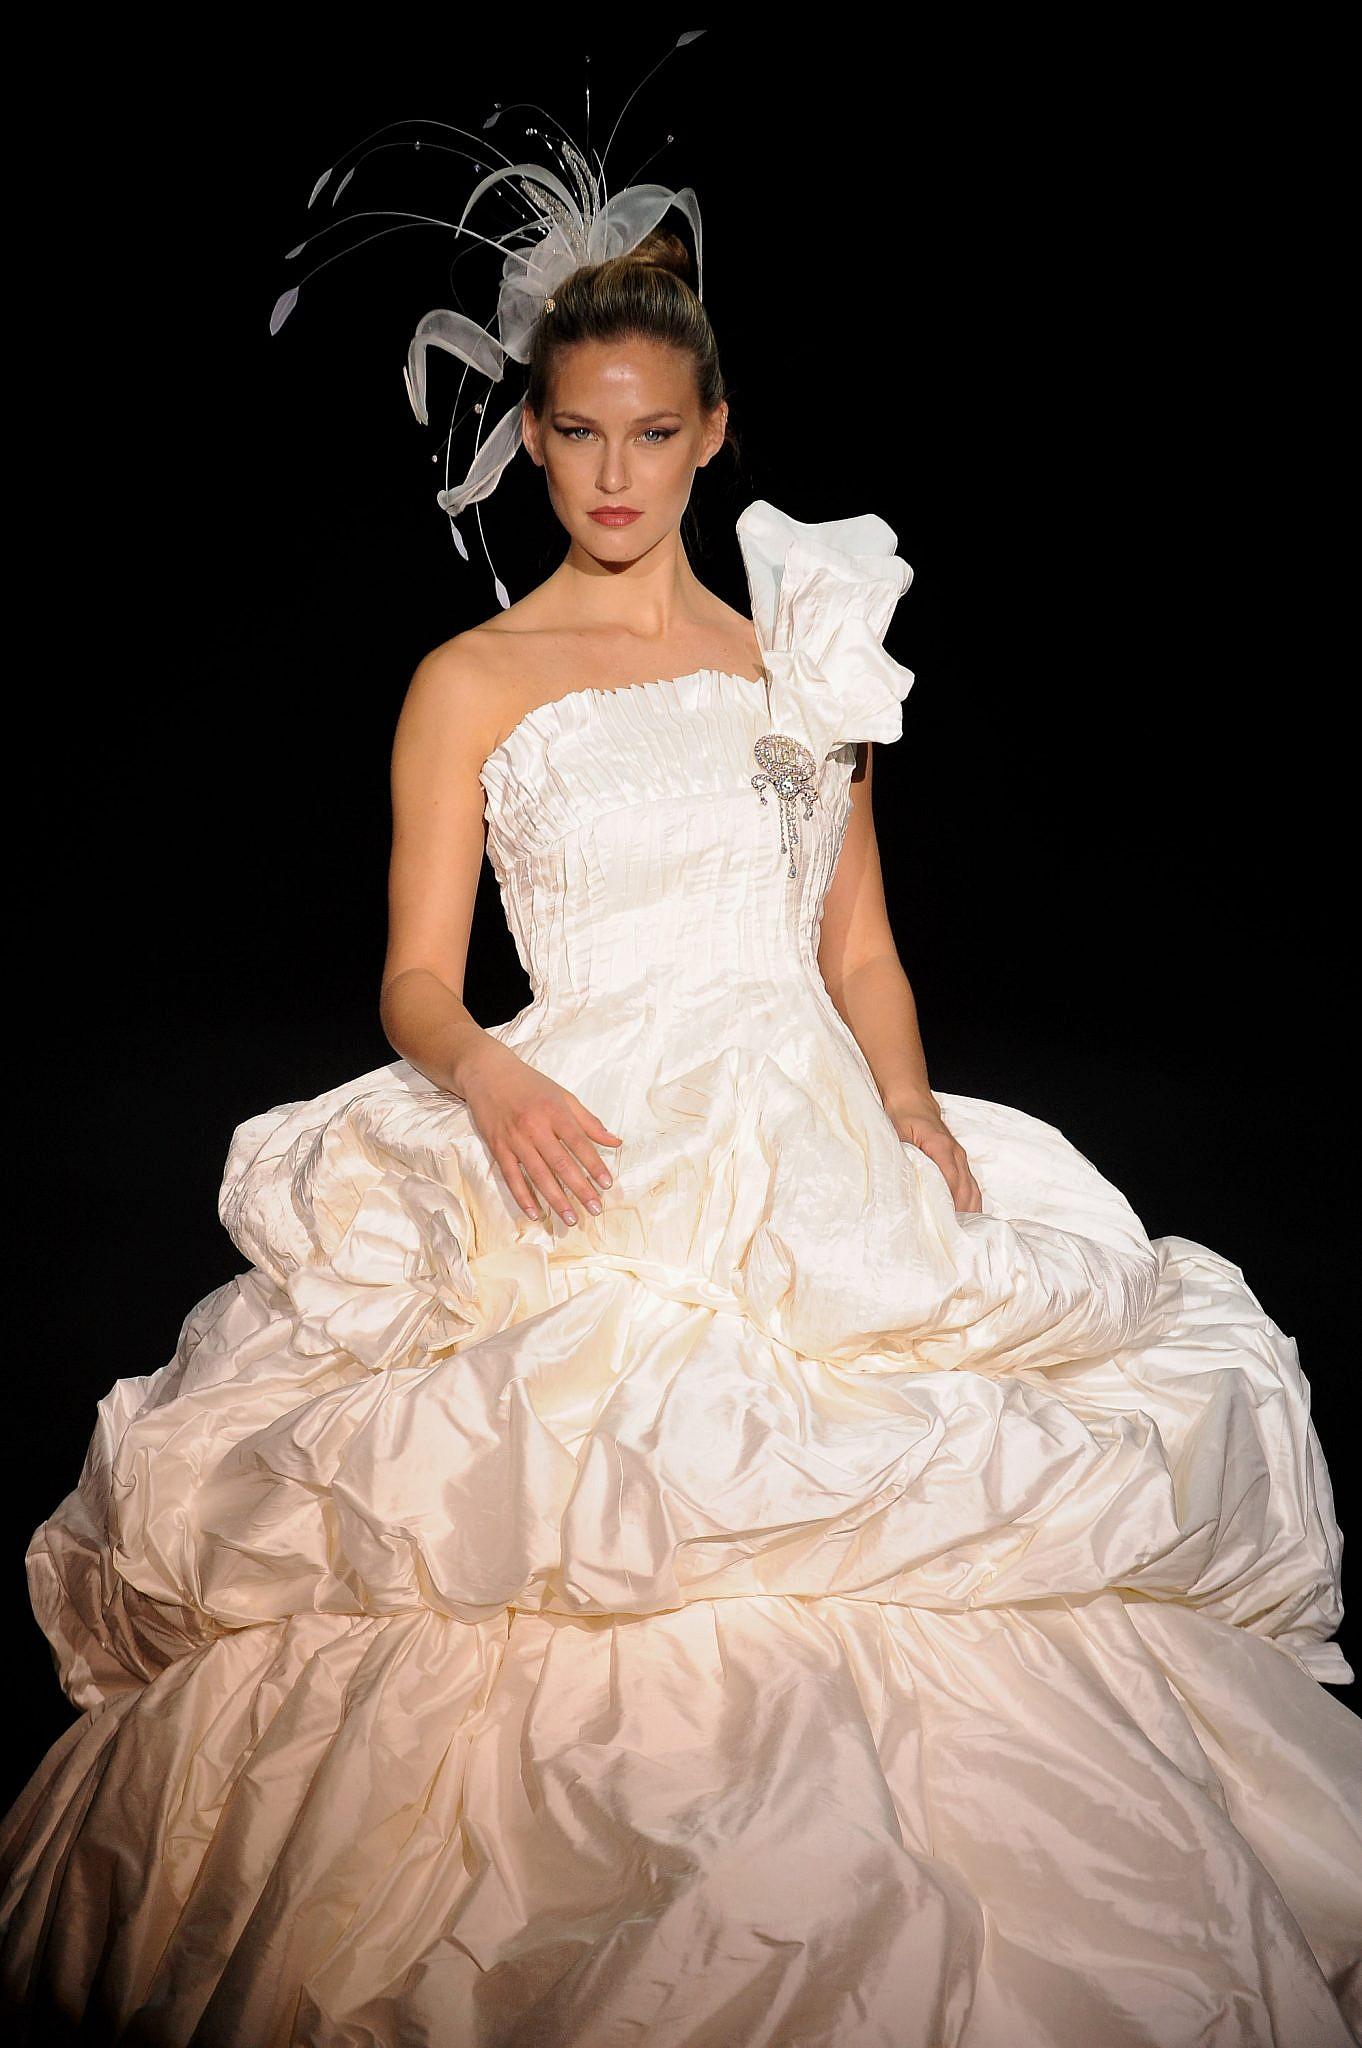 וכך היא נראתה בשבוע האופנה האירופאי לכלות במדריד, 2008   צילום: Carlos Alvarez/Getty Images